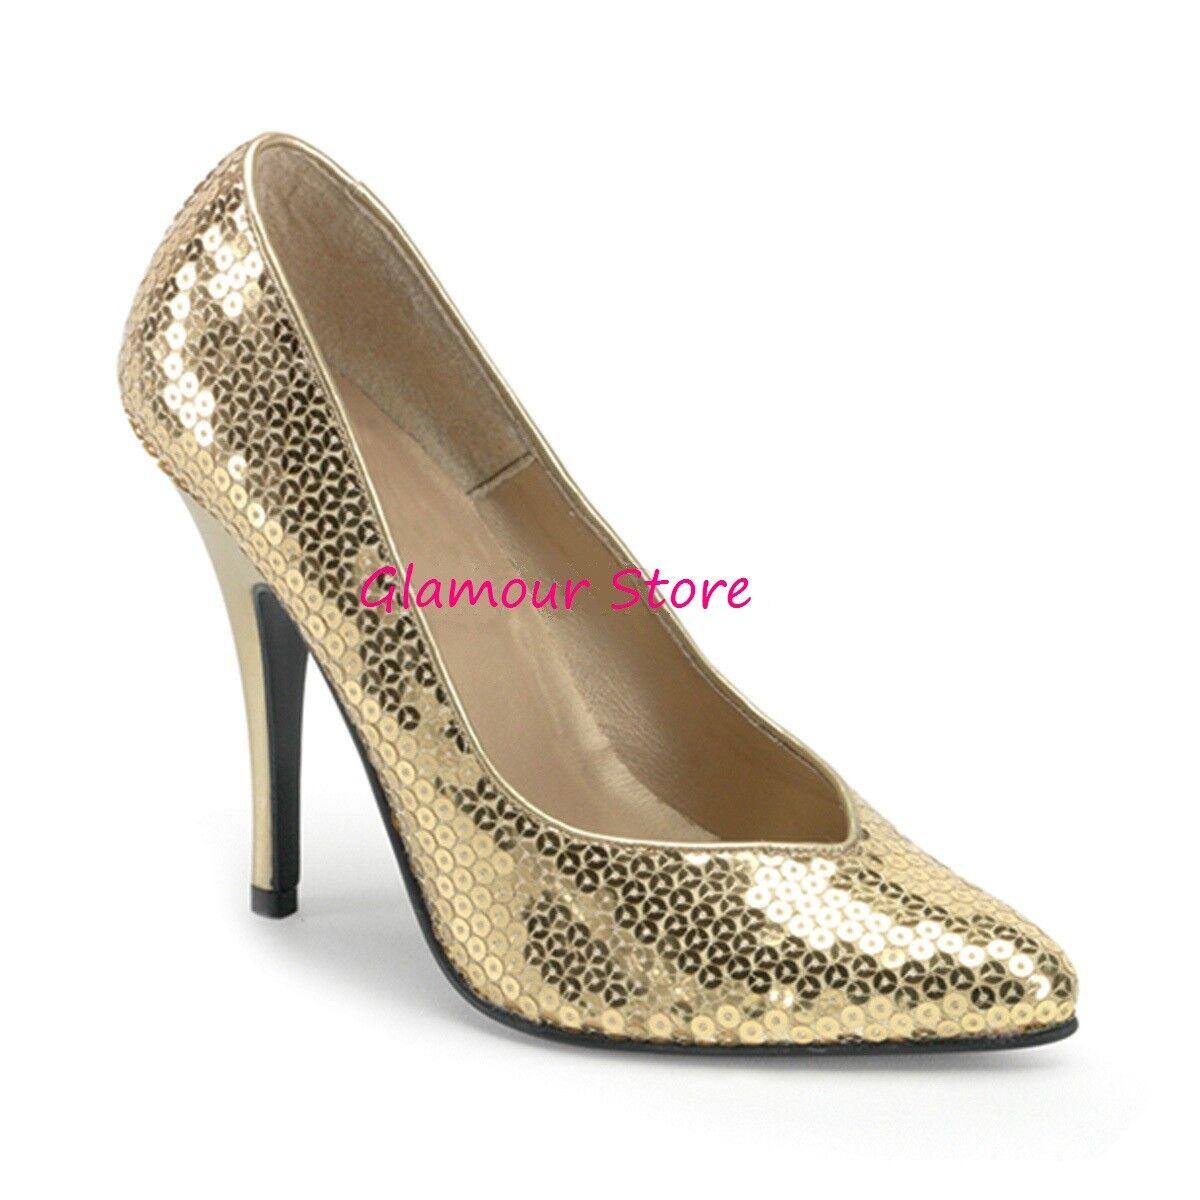 Sexy DECOLTE' PAILLETTES ORO al tacco 13 dal 36 al ORO 39 scarpe fashion GLAMOUR 5ec9ed